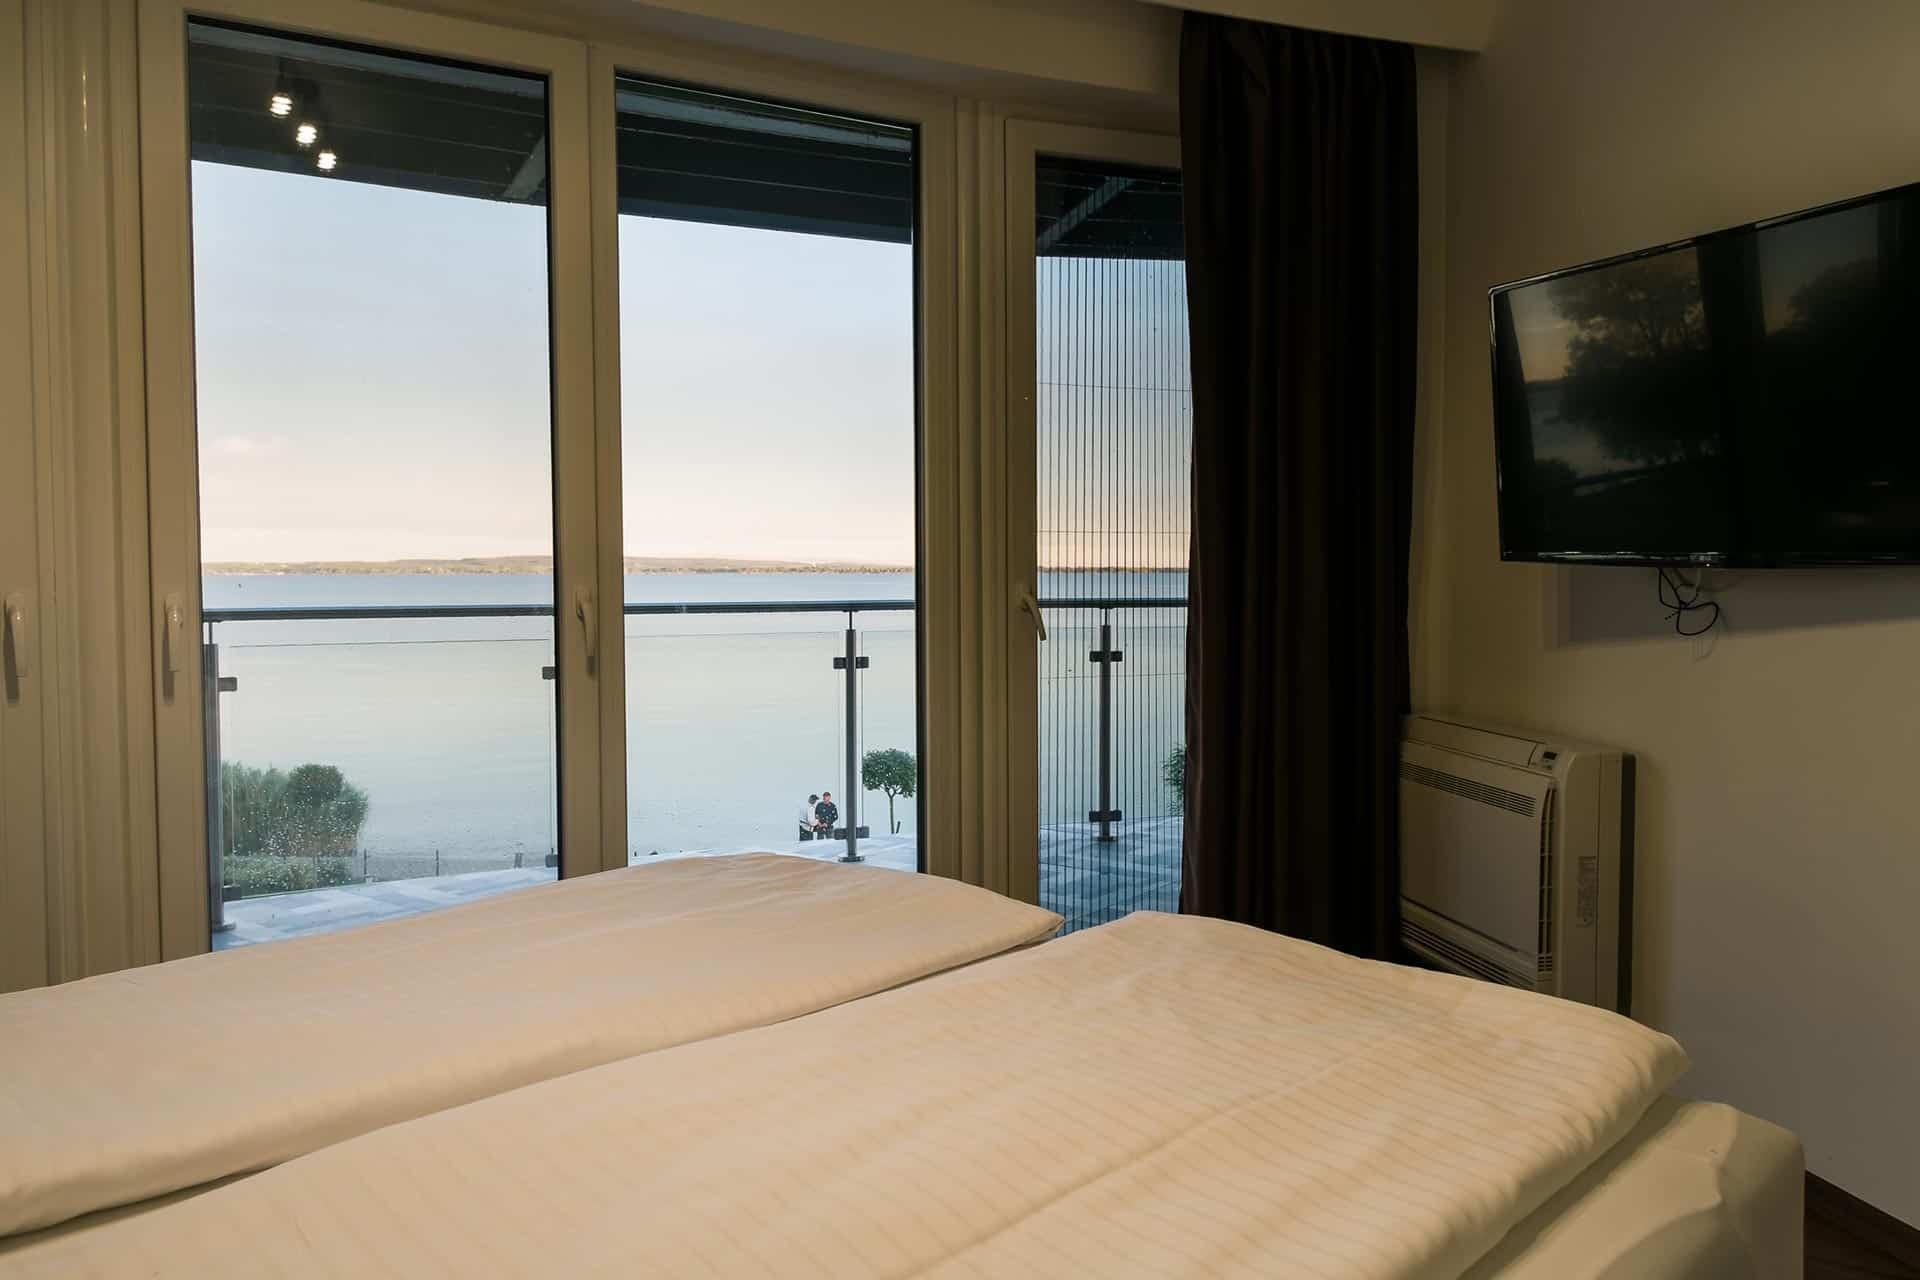 Balatoni panorámás vízparti Apartmanok Keszthely - balatoni panoráma a hálószobából.